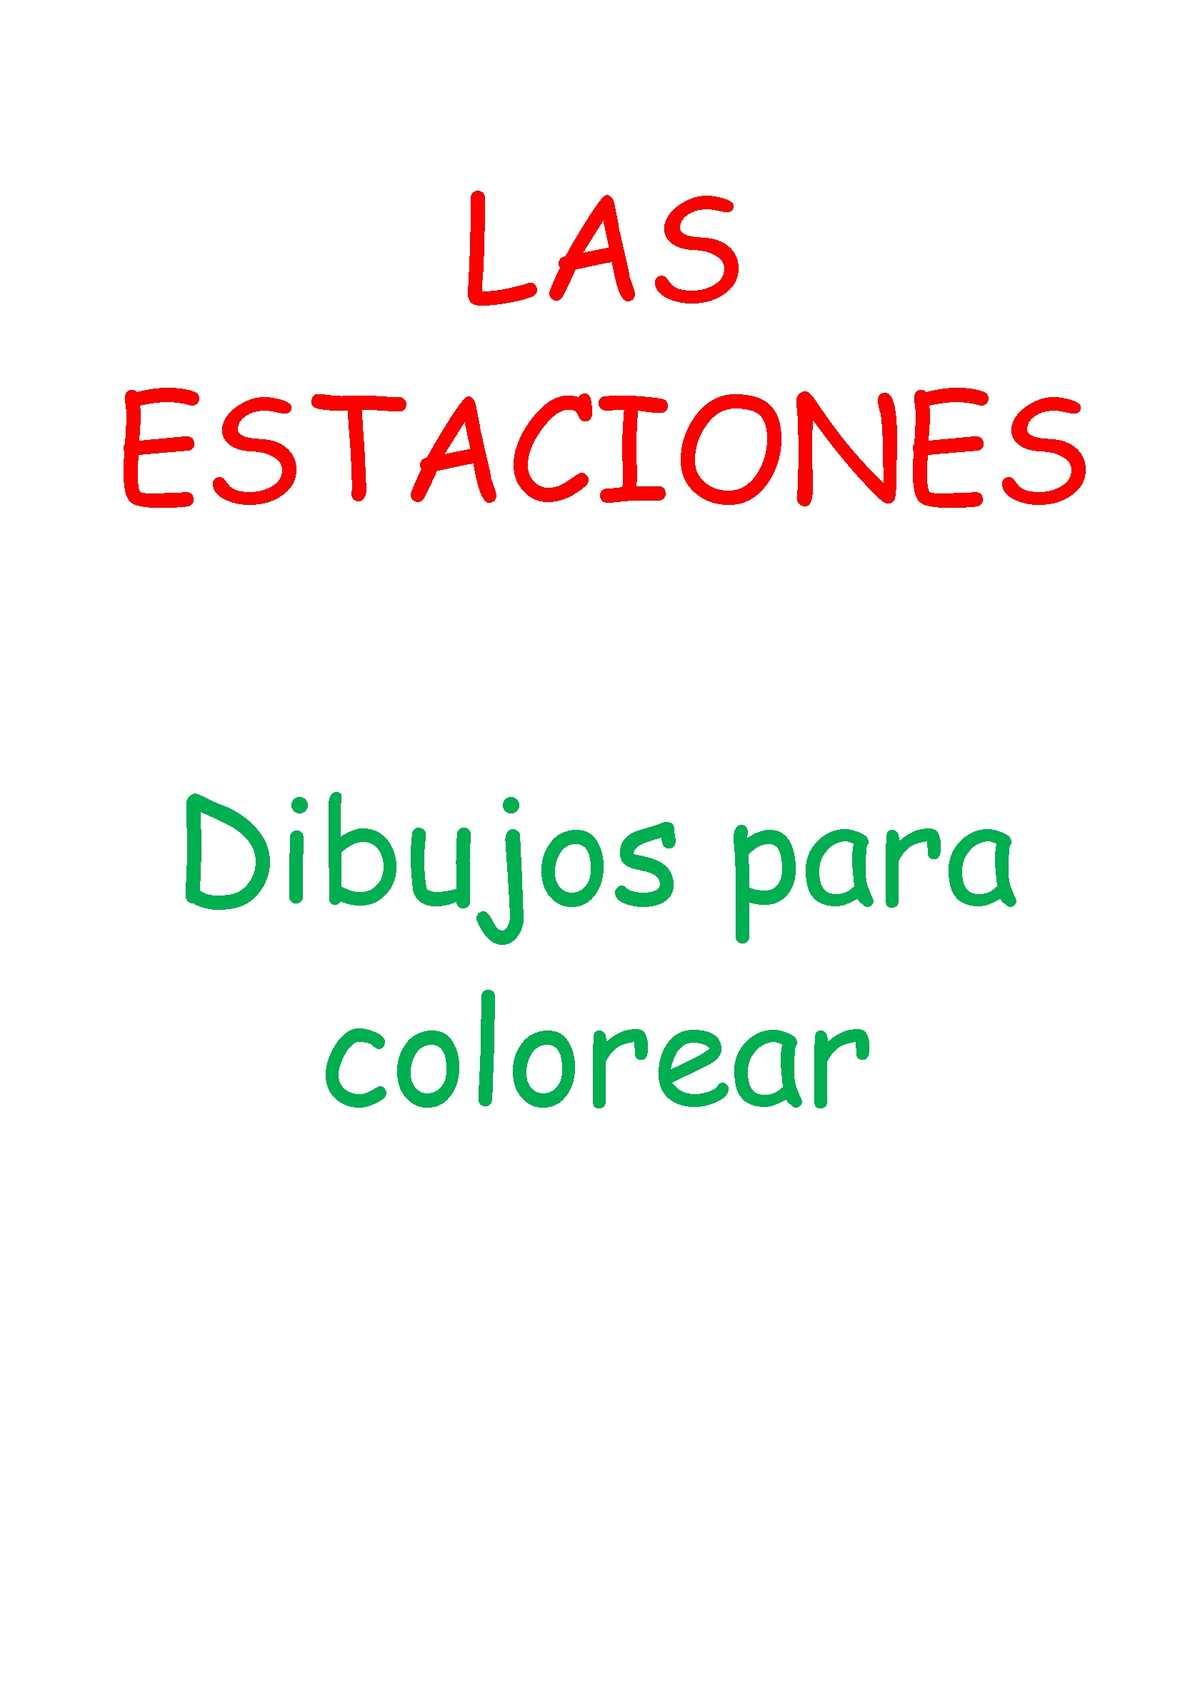 Calaméo - Estaciones - dibujos para colorear